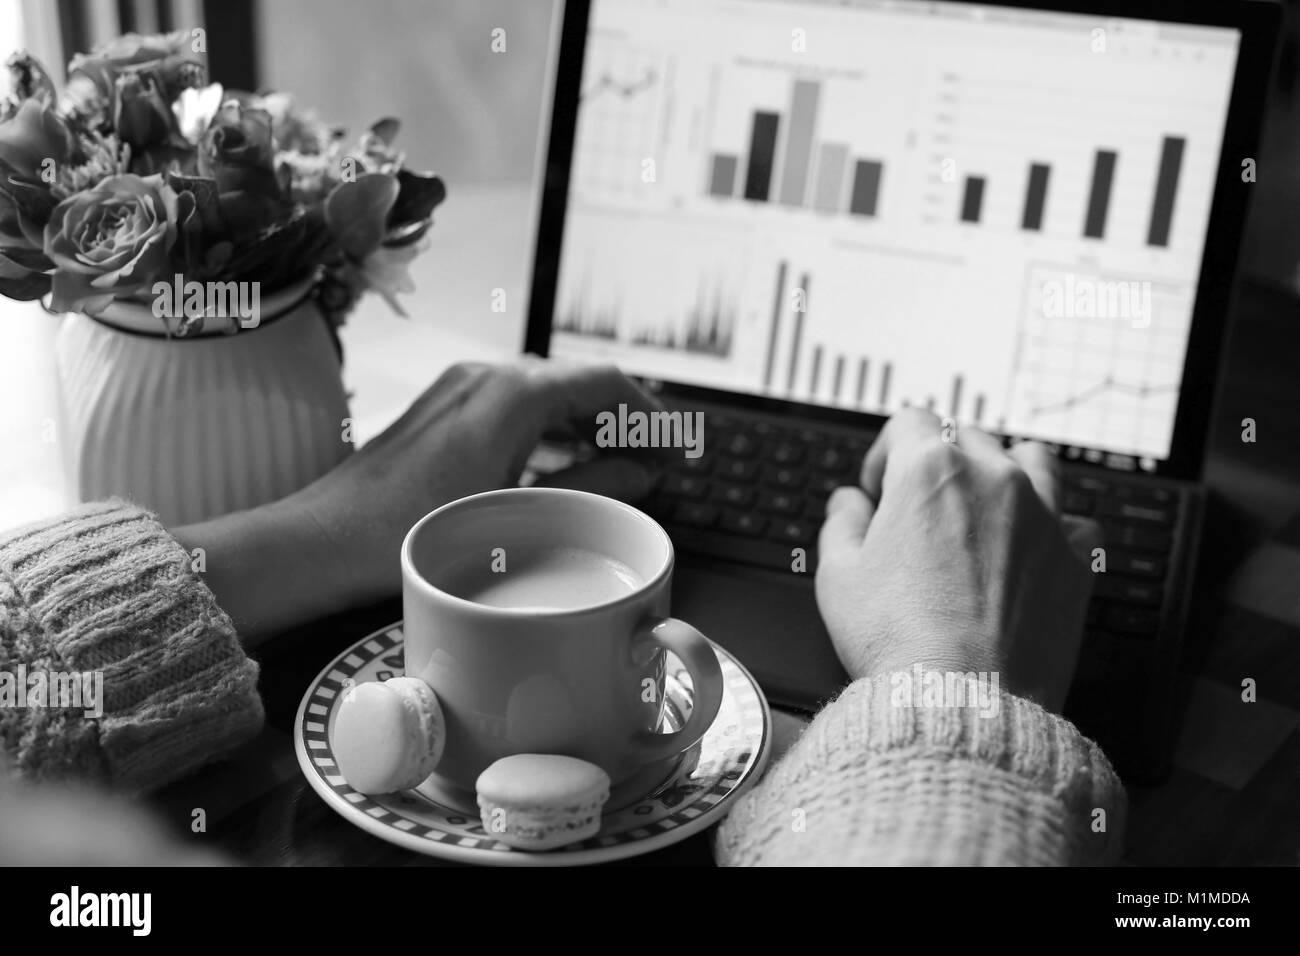 Vue de l'espace de travail avec une tasse de café avec du lait et deux délicieux macarons entre femme mains, travaillant sur l'ordinateur portable et d'un vase avec beautifu Banque D'Images